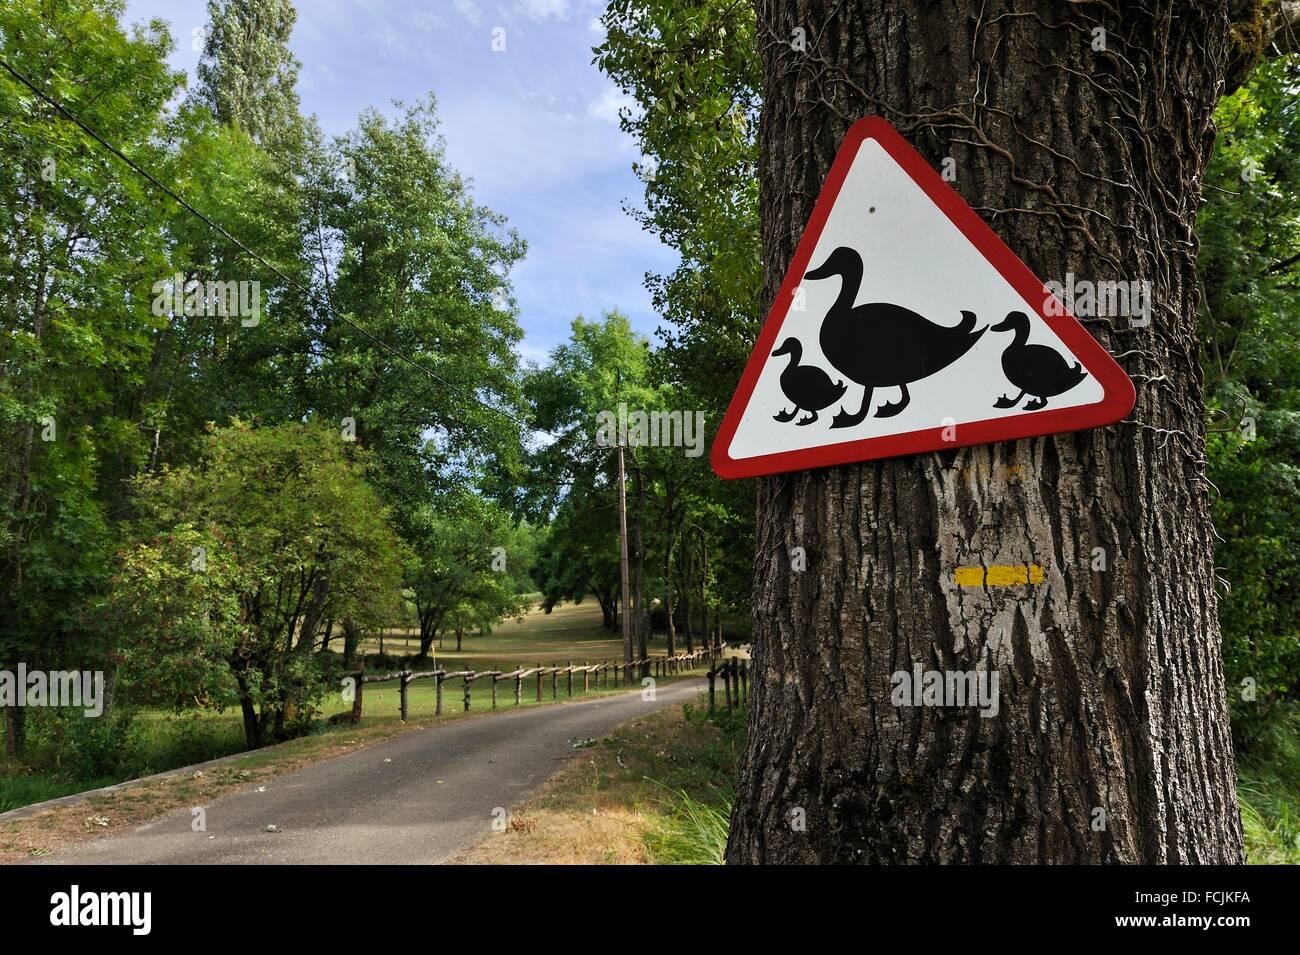 Insolito cartello stradale, lotto reparto, regione del Mezzogiorno-Pirenei, a sud-ovest della Francia, l'Europa. Immagini Stock